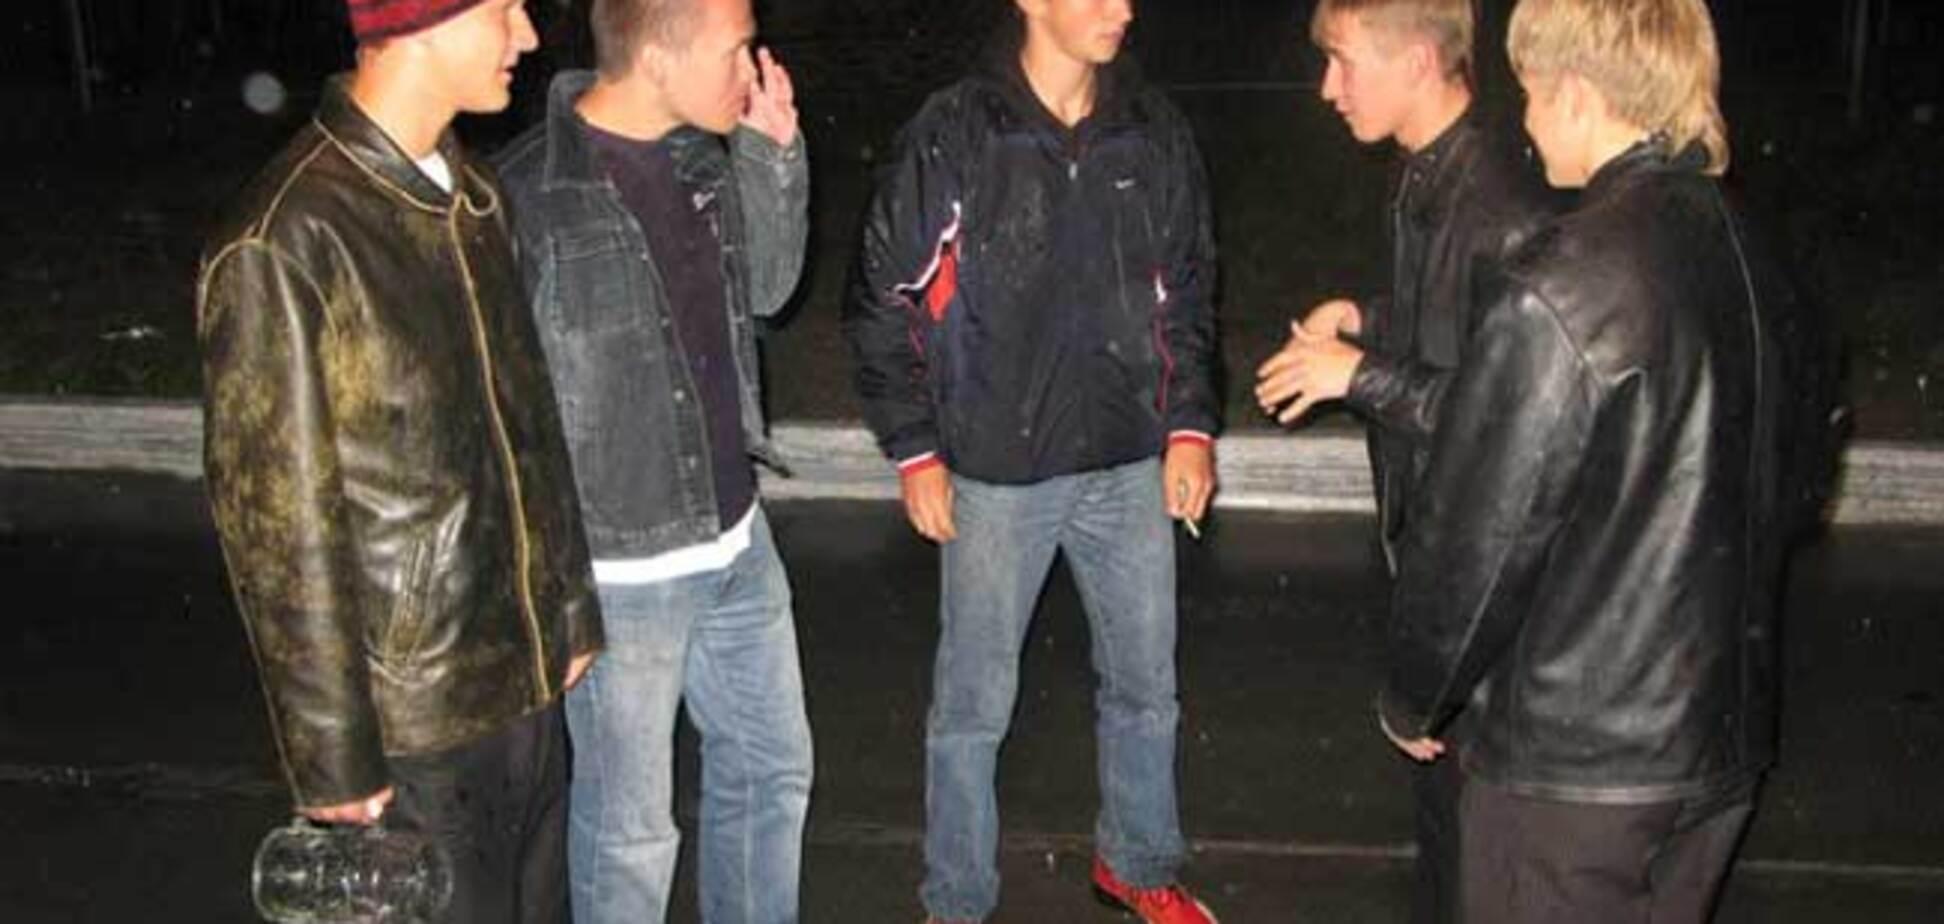 Поверьте, на втором фото - самые лучшие кроссовки! ;)